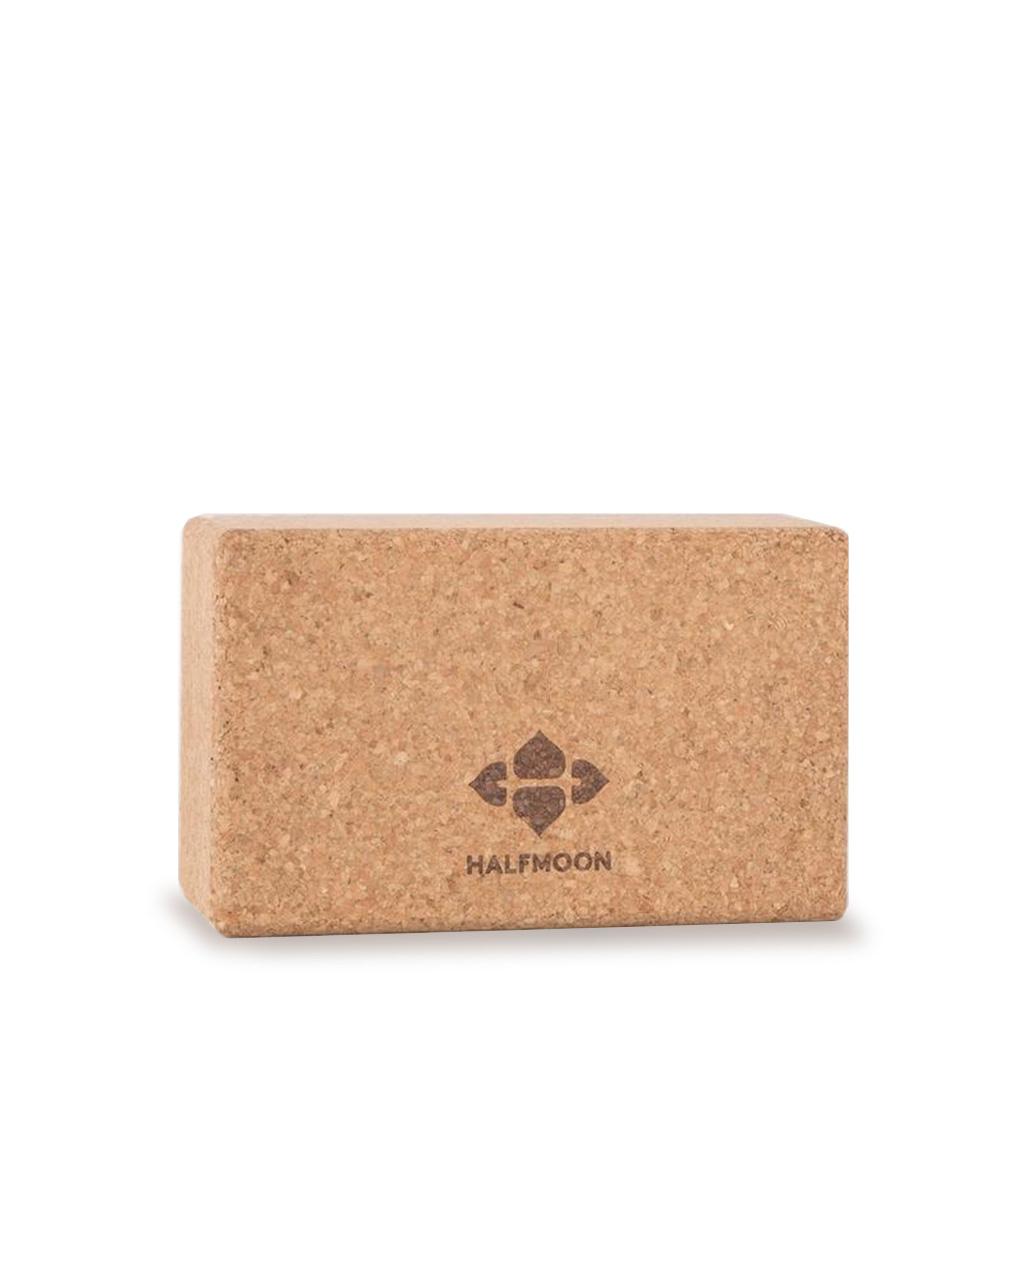 HalfMoon HalfMoon Natural Cork Yoga Block